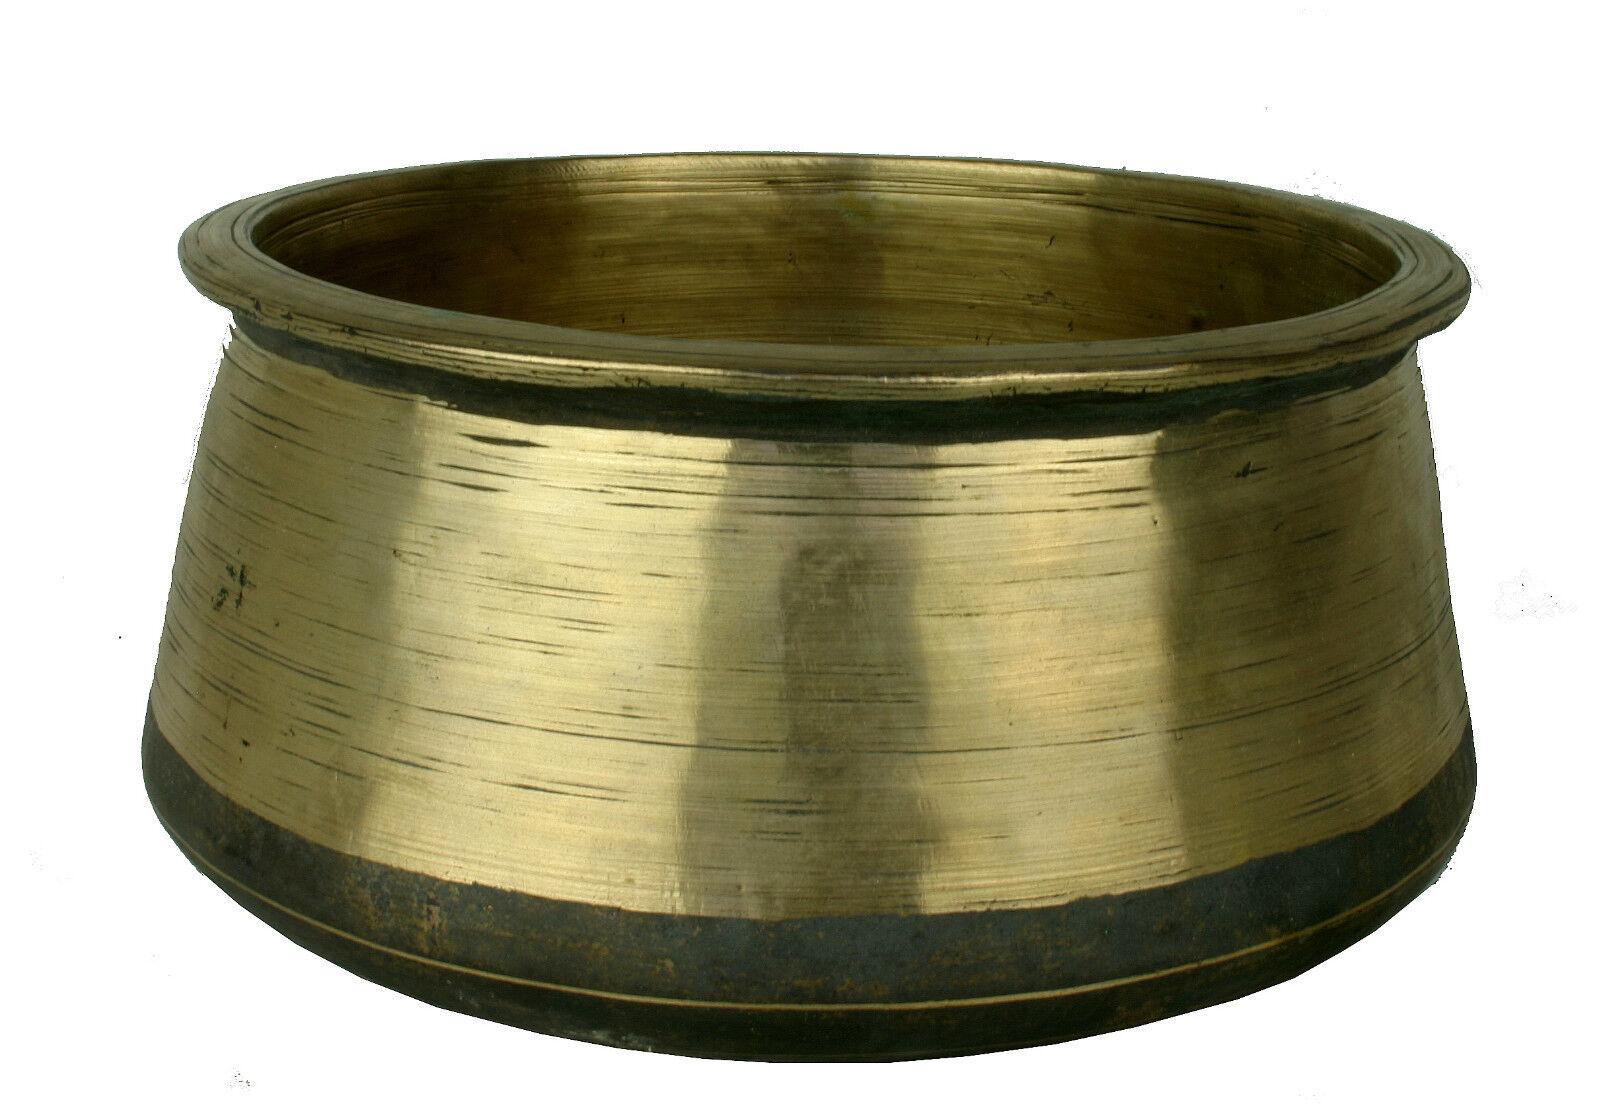 Klangschale singing bowl cuenco tibetano  Herzschale  Hörprobe  1310g M80-189